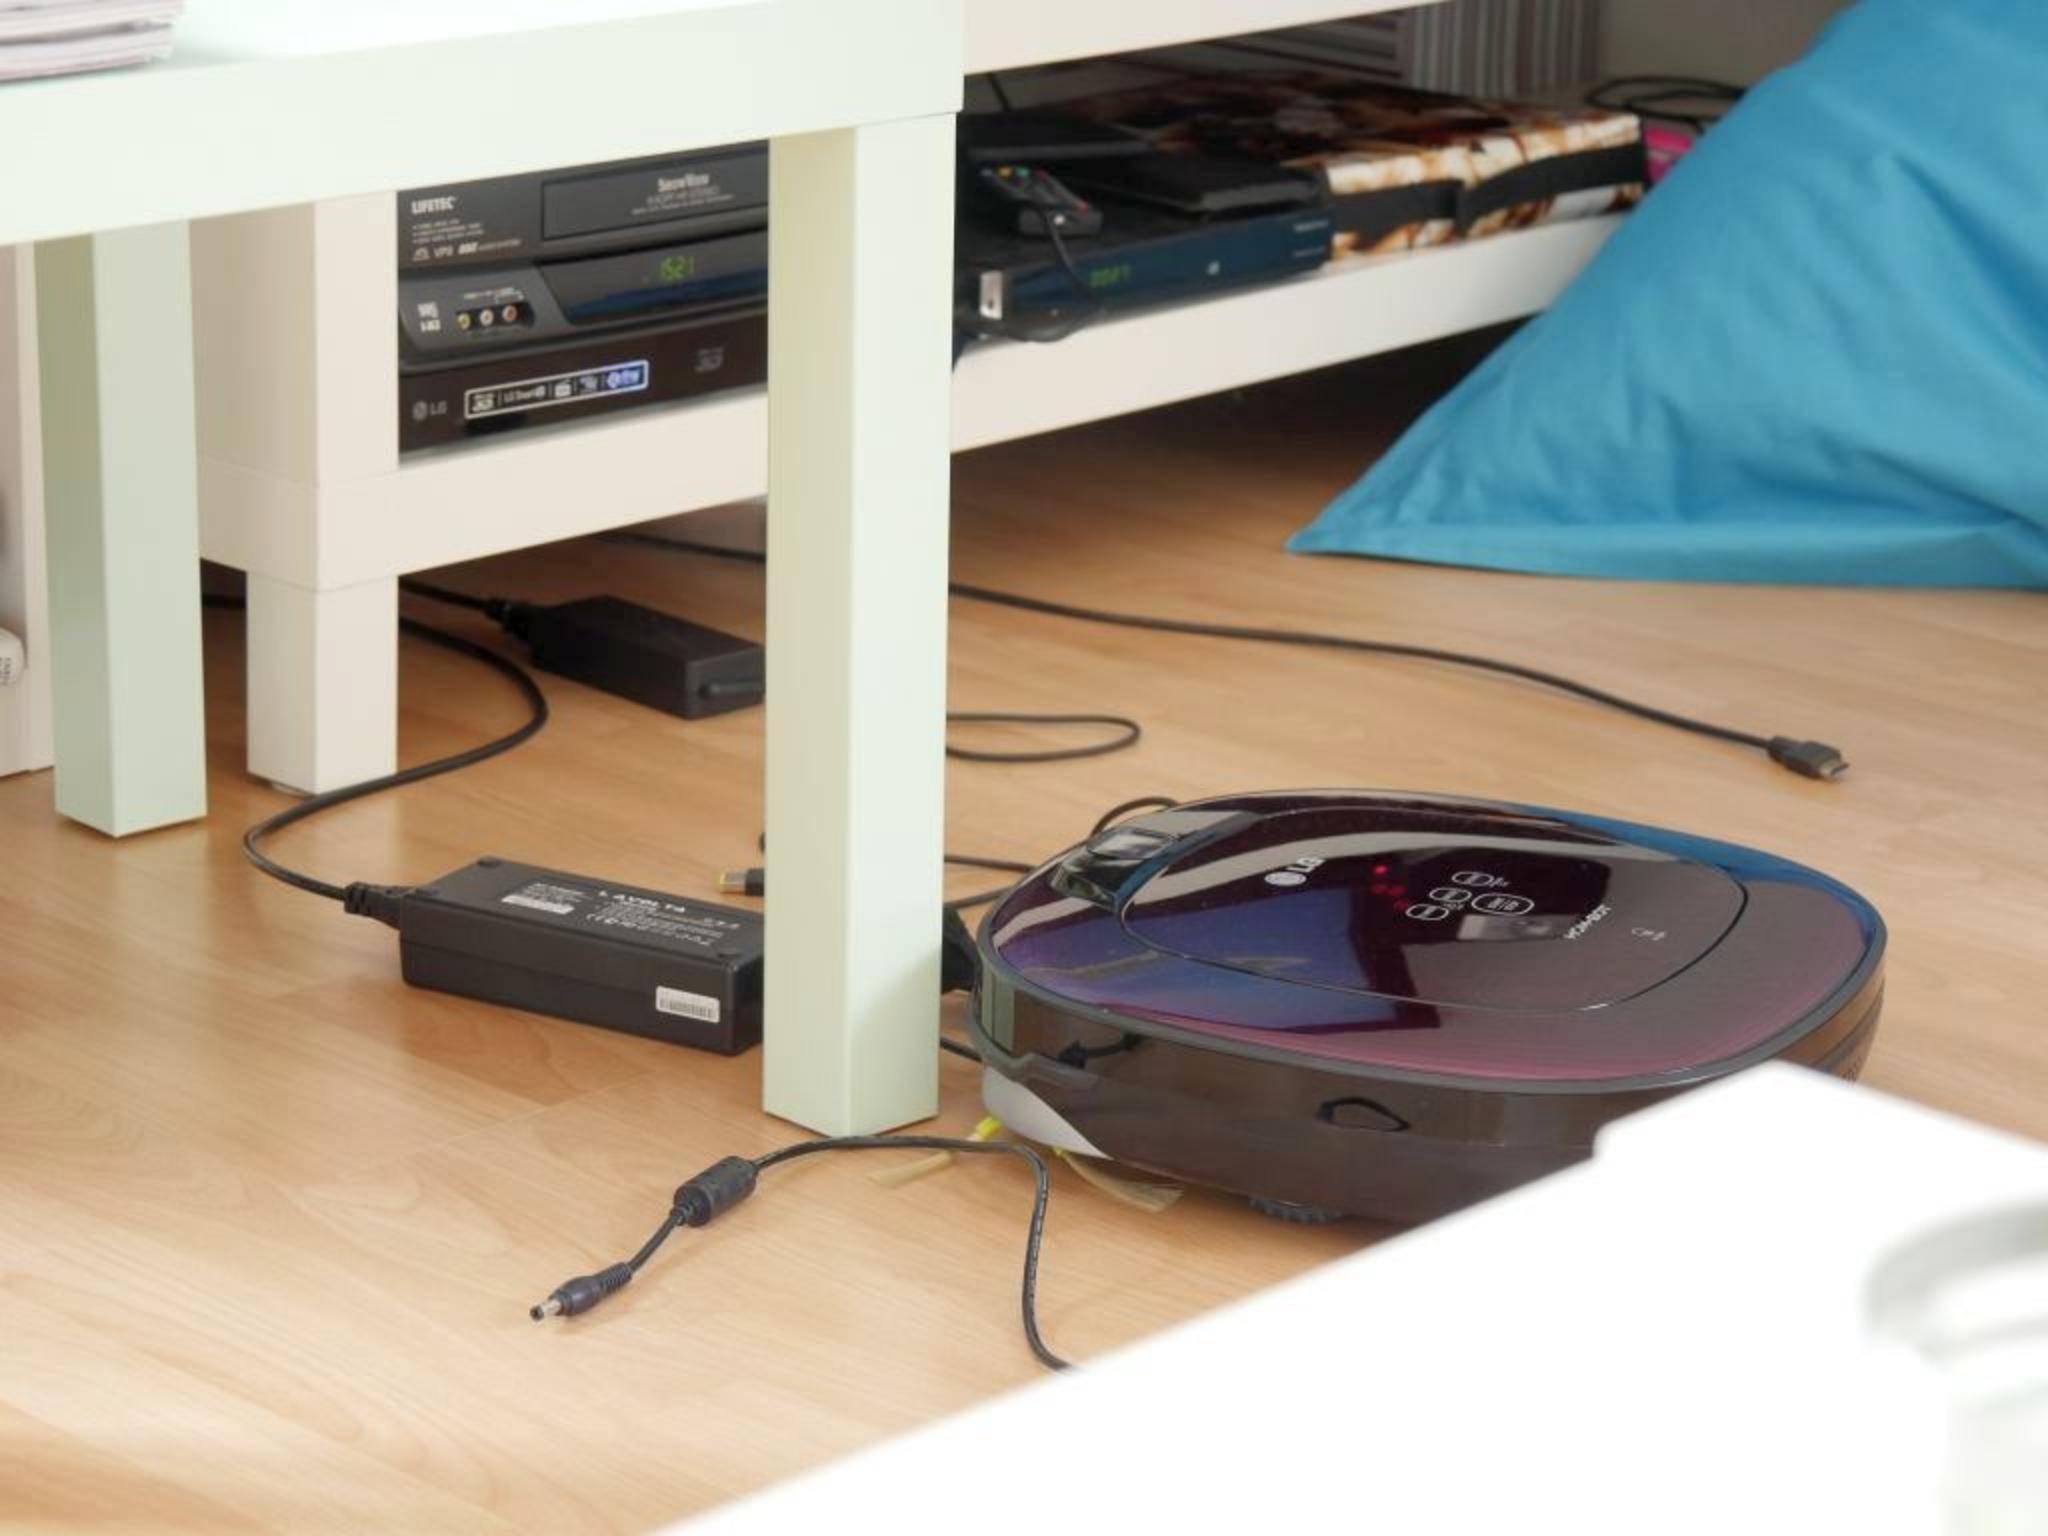 Die Kabel hat der LG-Roboter unter dem Fernsehschrank hervorgeholt.